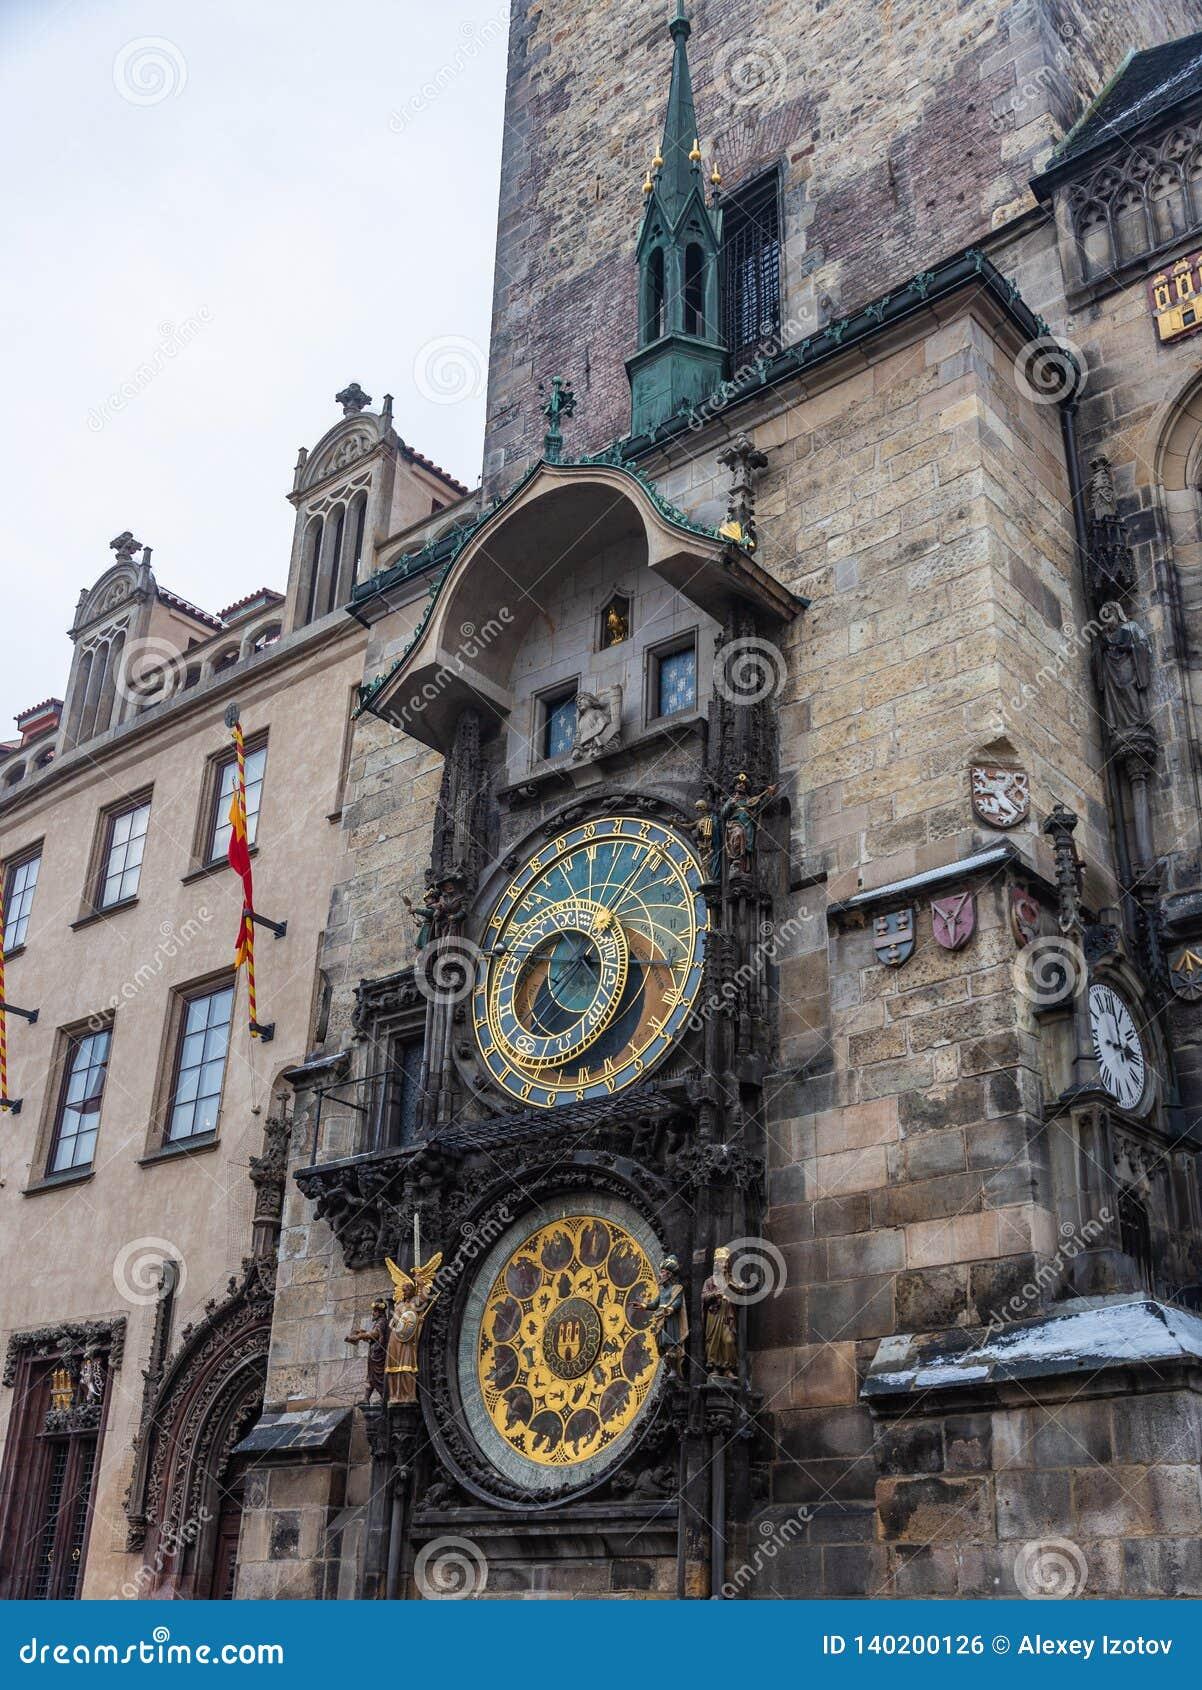 Carrilhões astronômicos famosos do pulso de disparo em Praga na praça da cidade velha